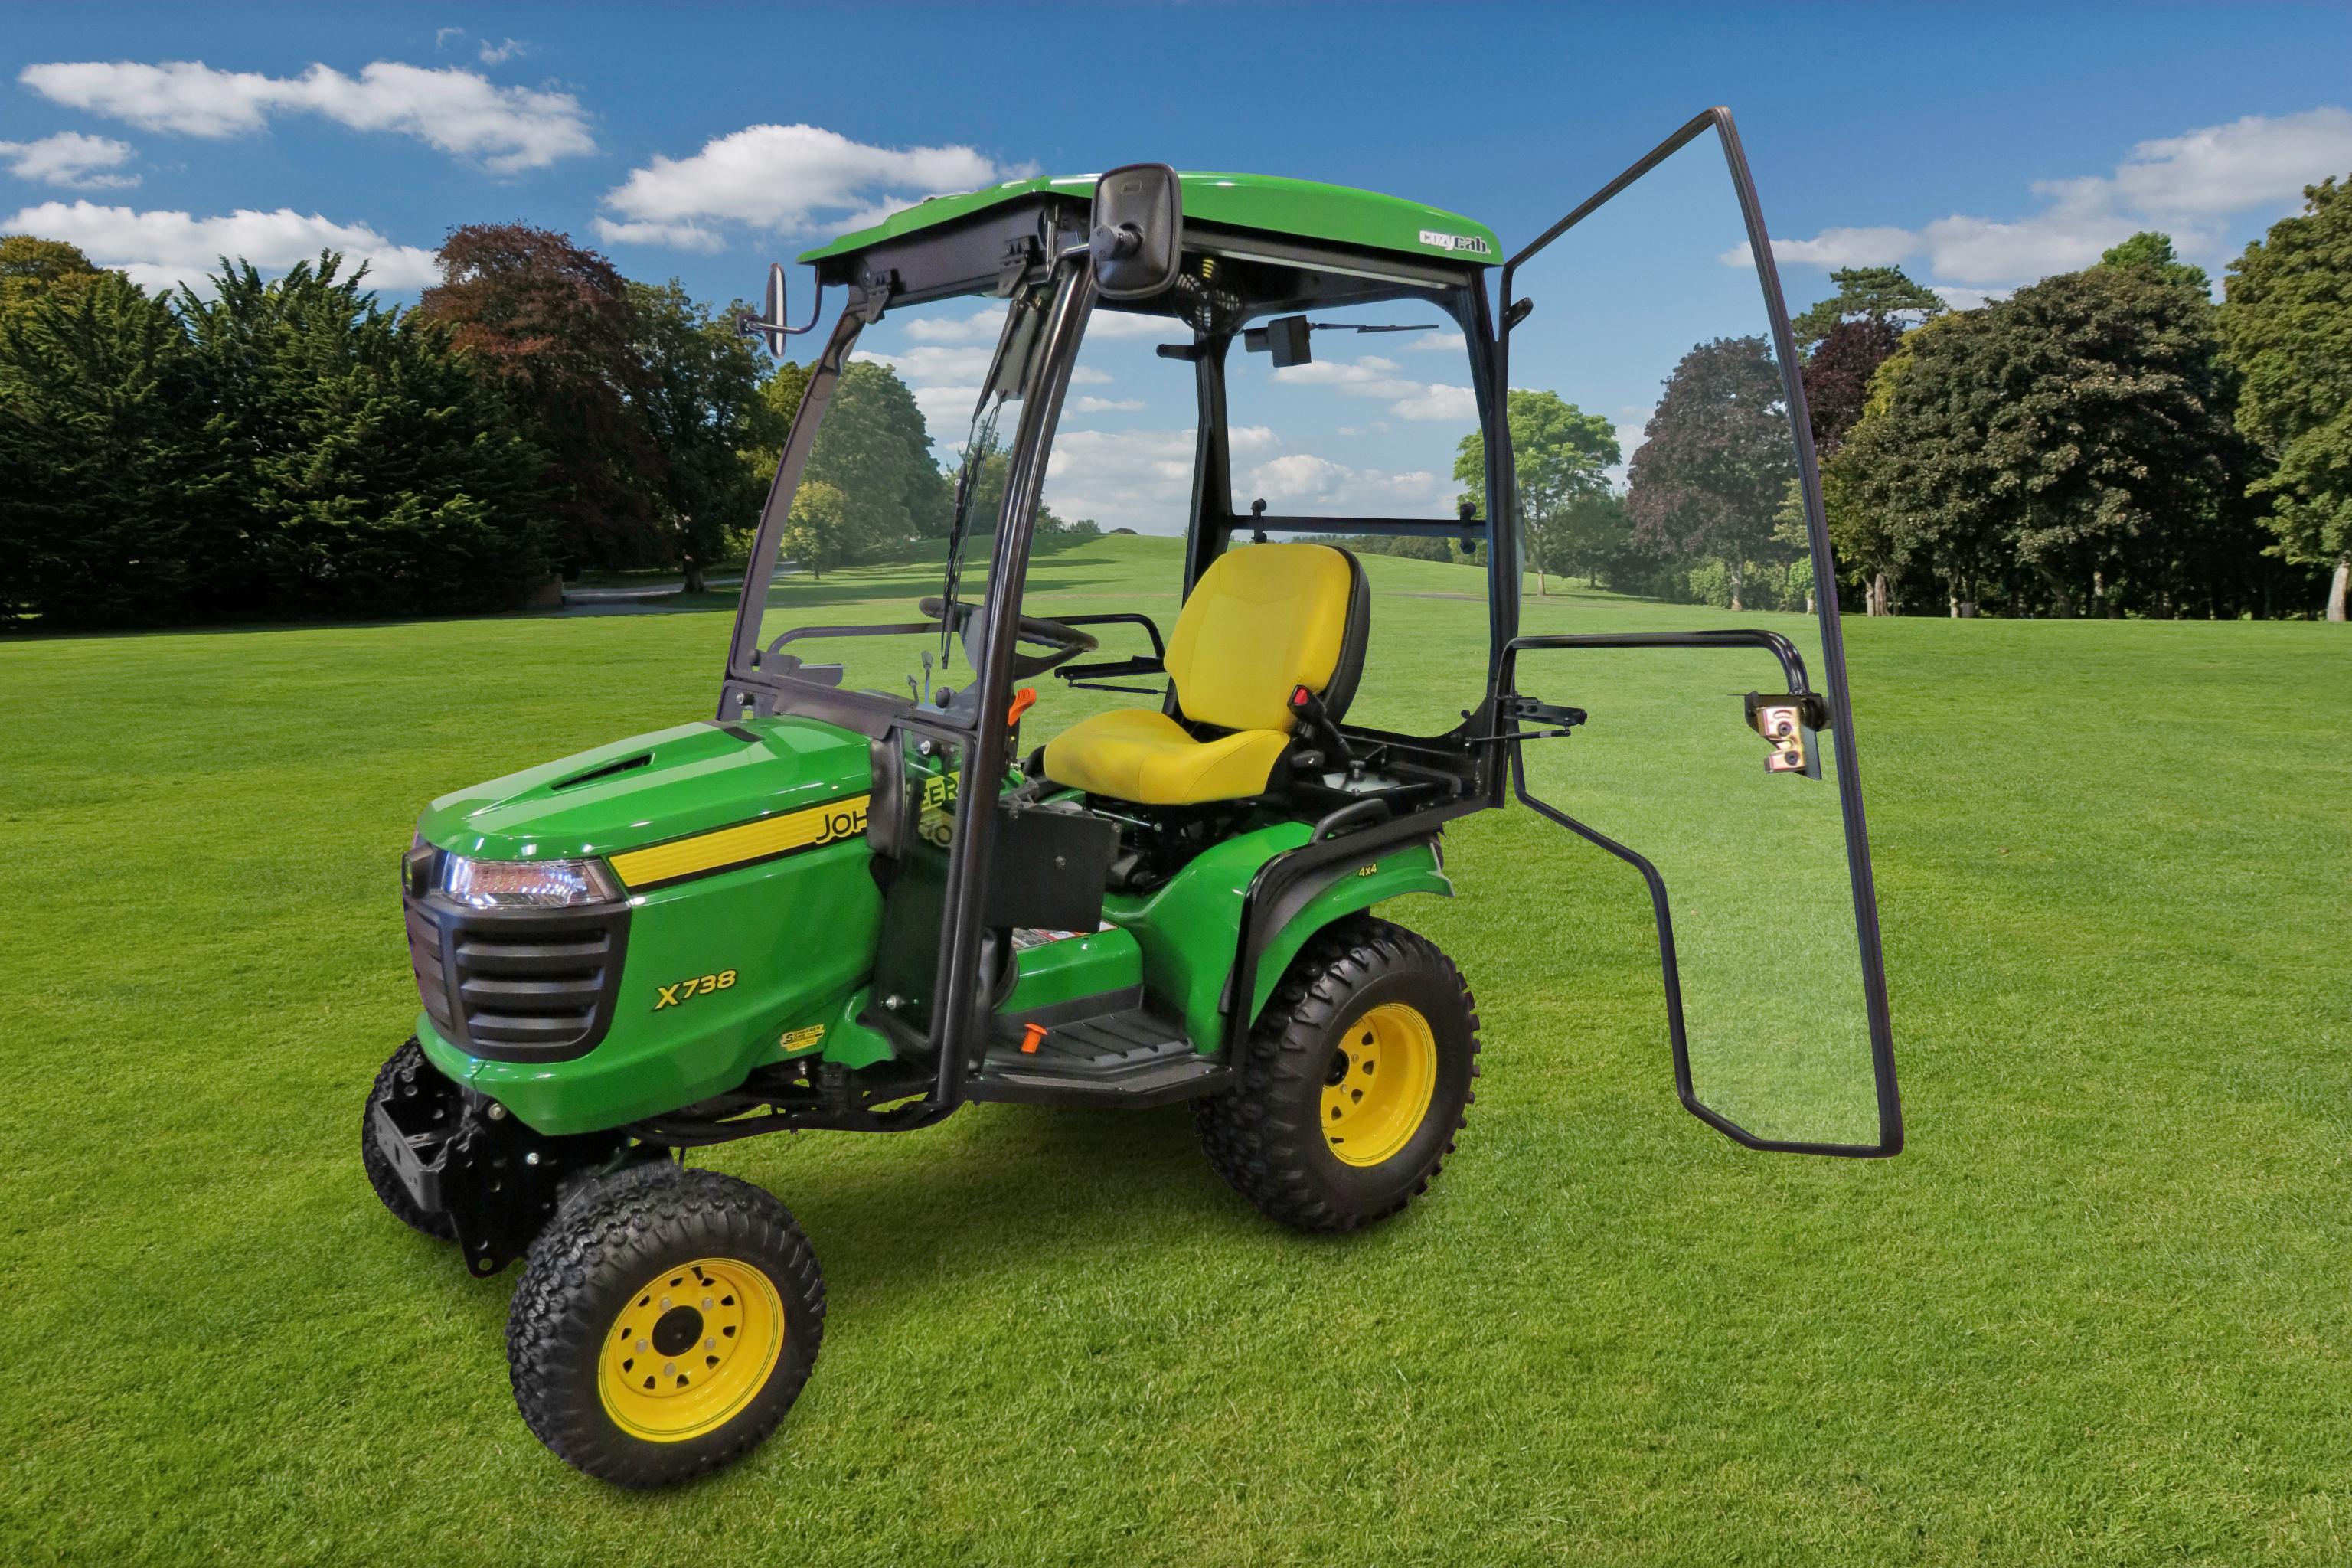 pin deere equipment tractors garden tractor john lawn